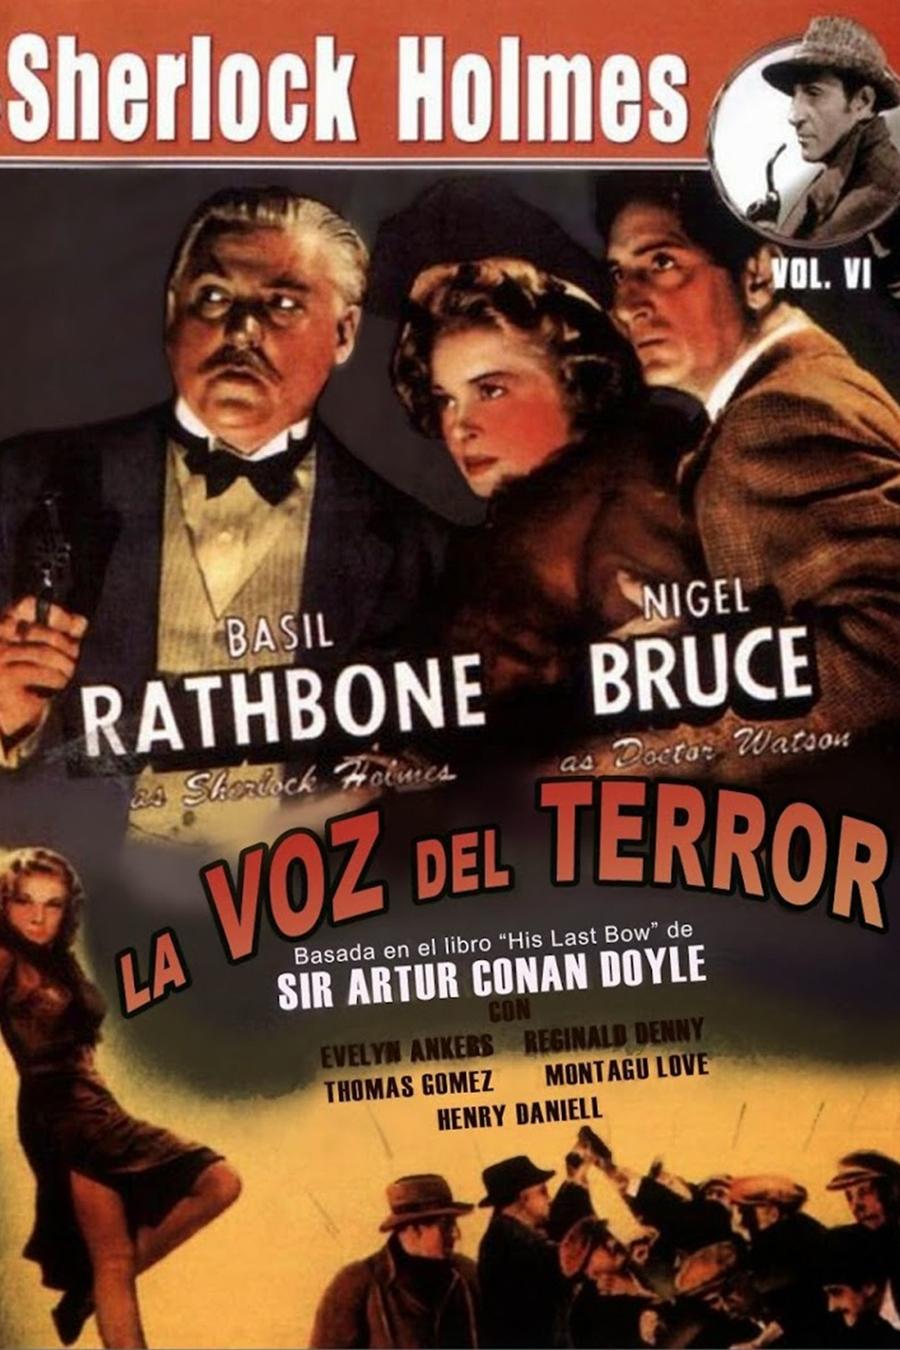 Sherlock Holmes y la Voz del Terror